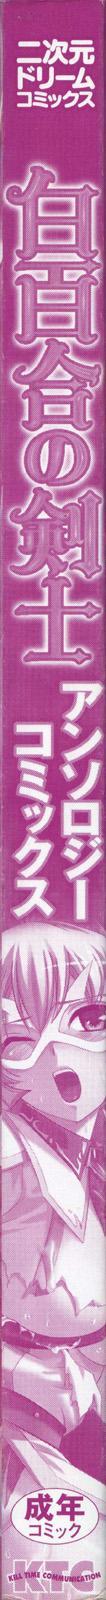 Shirayuri no Kenshi Anthology Comics 1